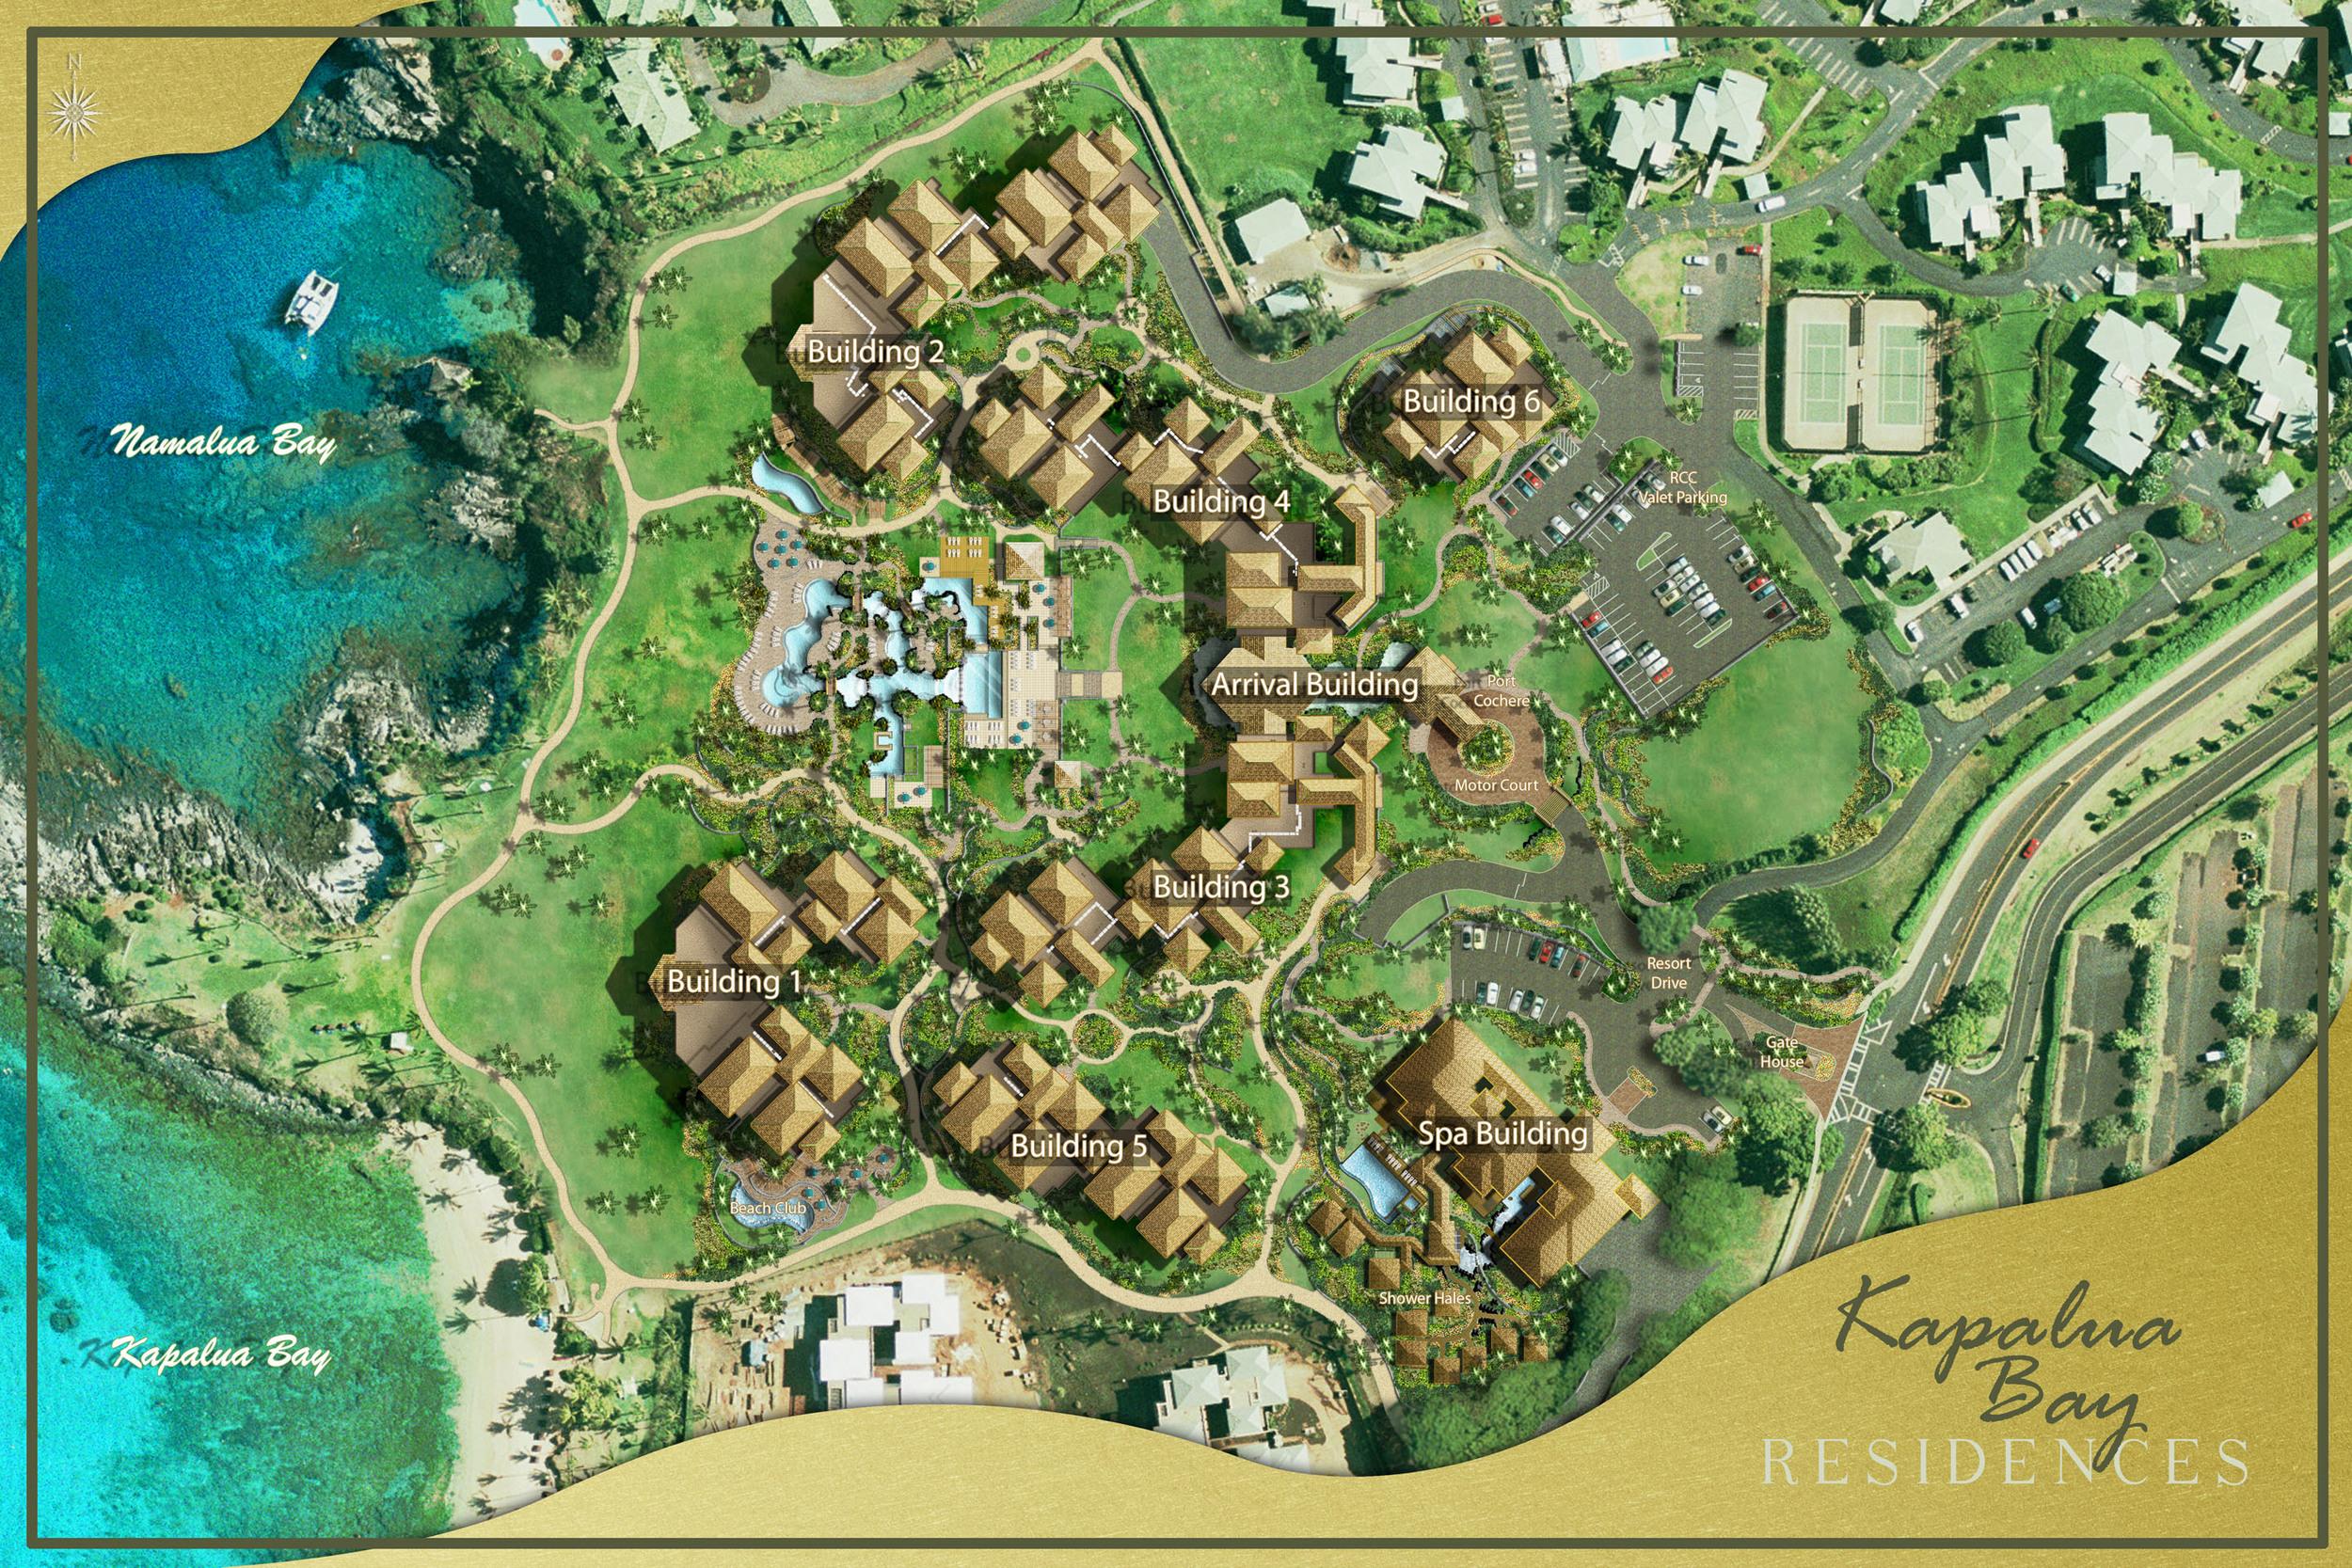 Kapalua Residence Site Plan-smaller.jpg